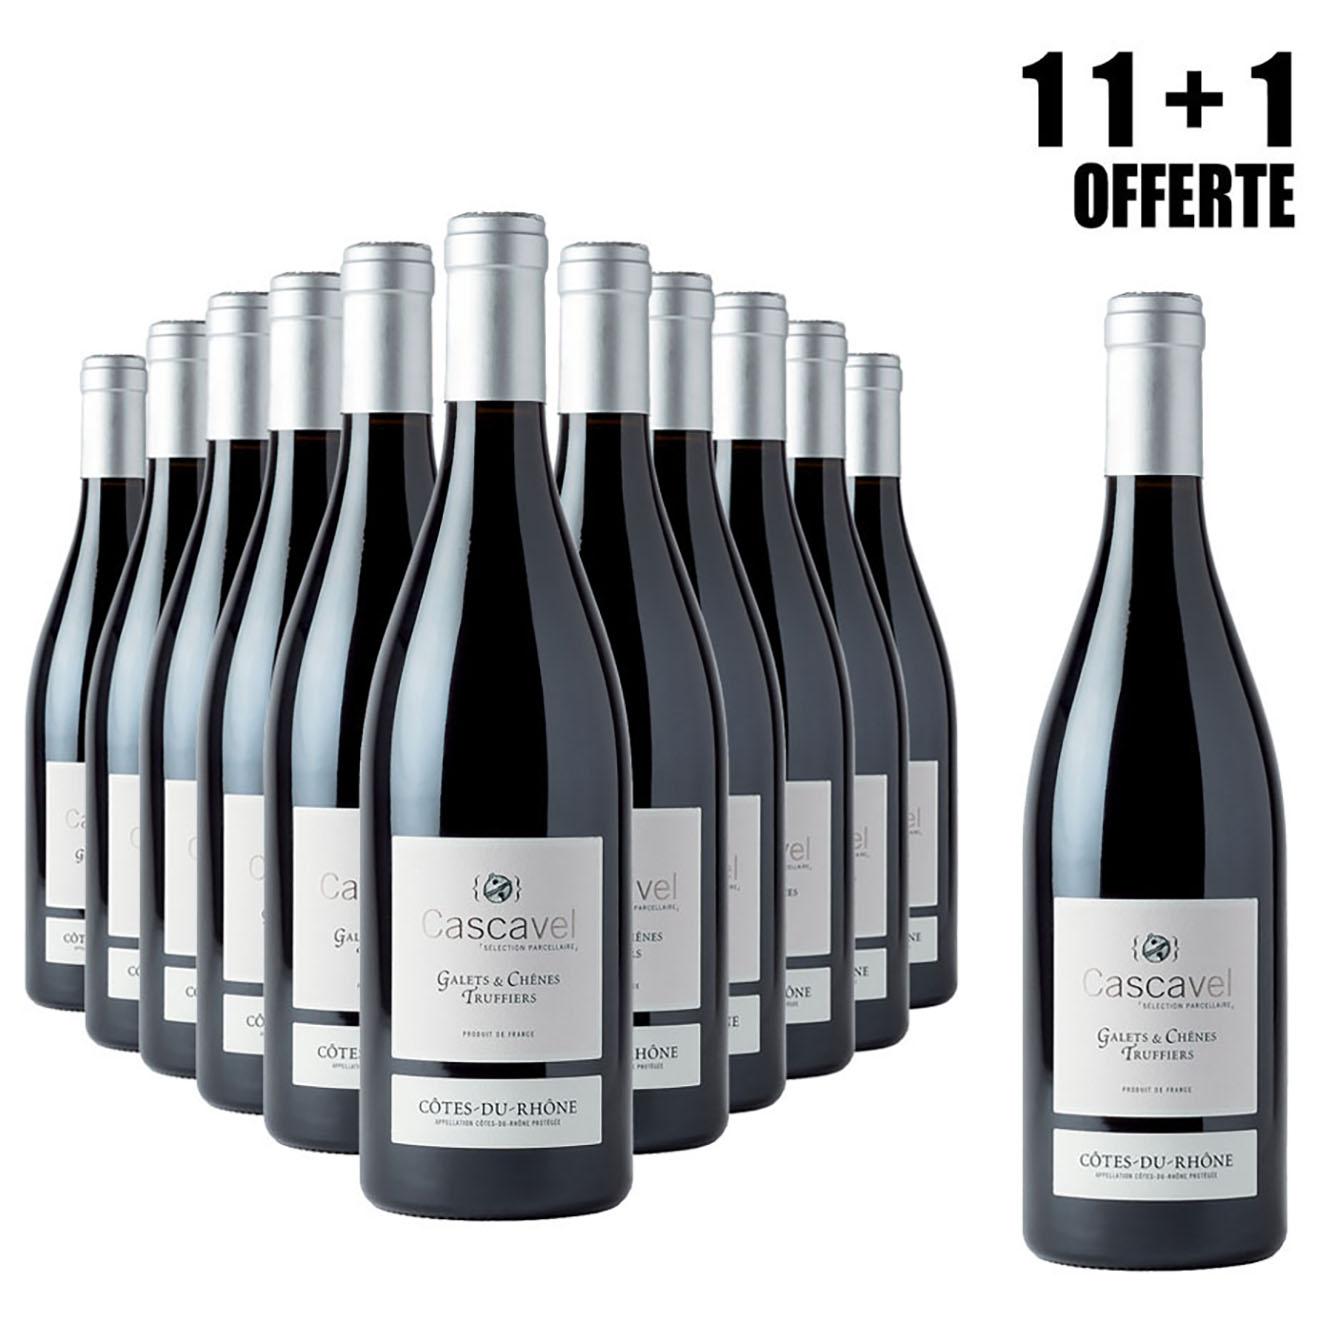 Lot de 11 Côtes-du-Rhône Galets & Chênes Truffiers 2017 Cascavel 75cl + 1 Offerte